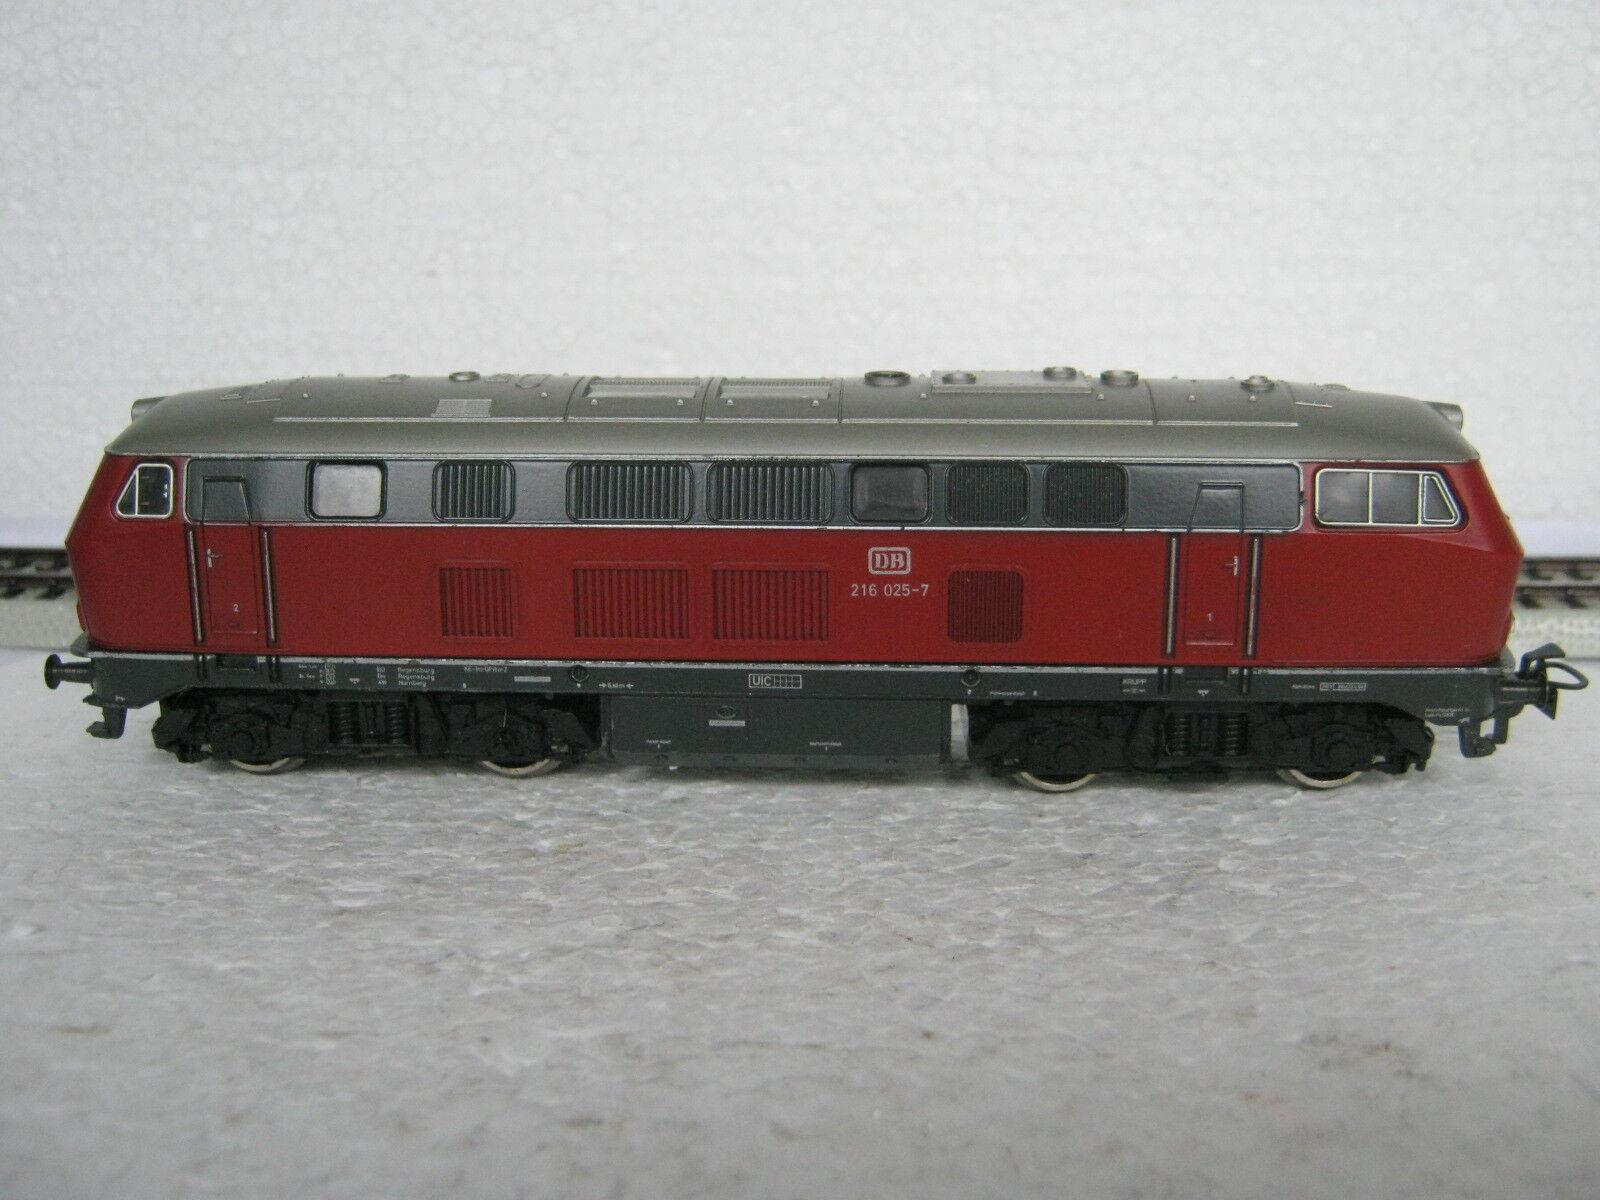 alta calidad general Marklin ho ac 3075 diesel Lok br br br 216 025-7 DB rojo (co 45-33r7 15)  conveniente